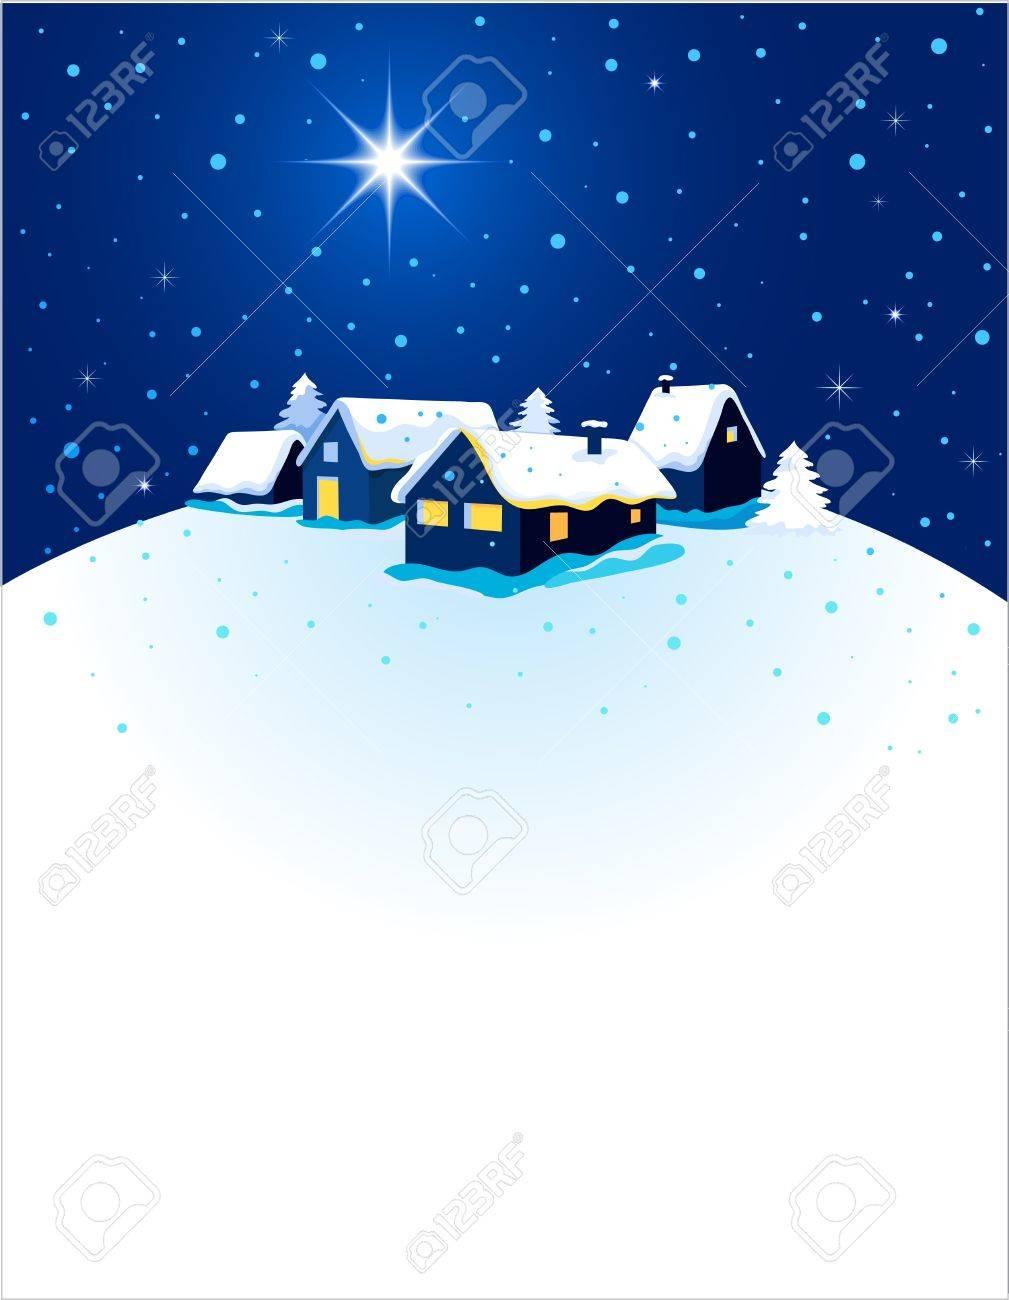 Foto Con La Neve Di Natale.Immagini Stock Cartolina Di Natale Con La Citta Di Notte E La Neve Image 11037721